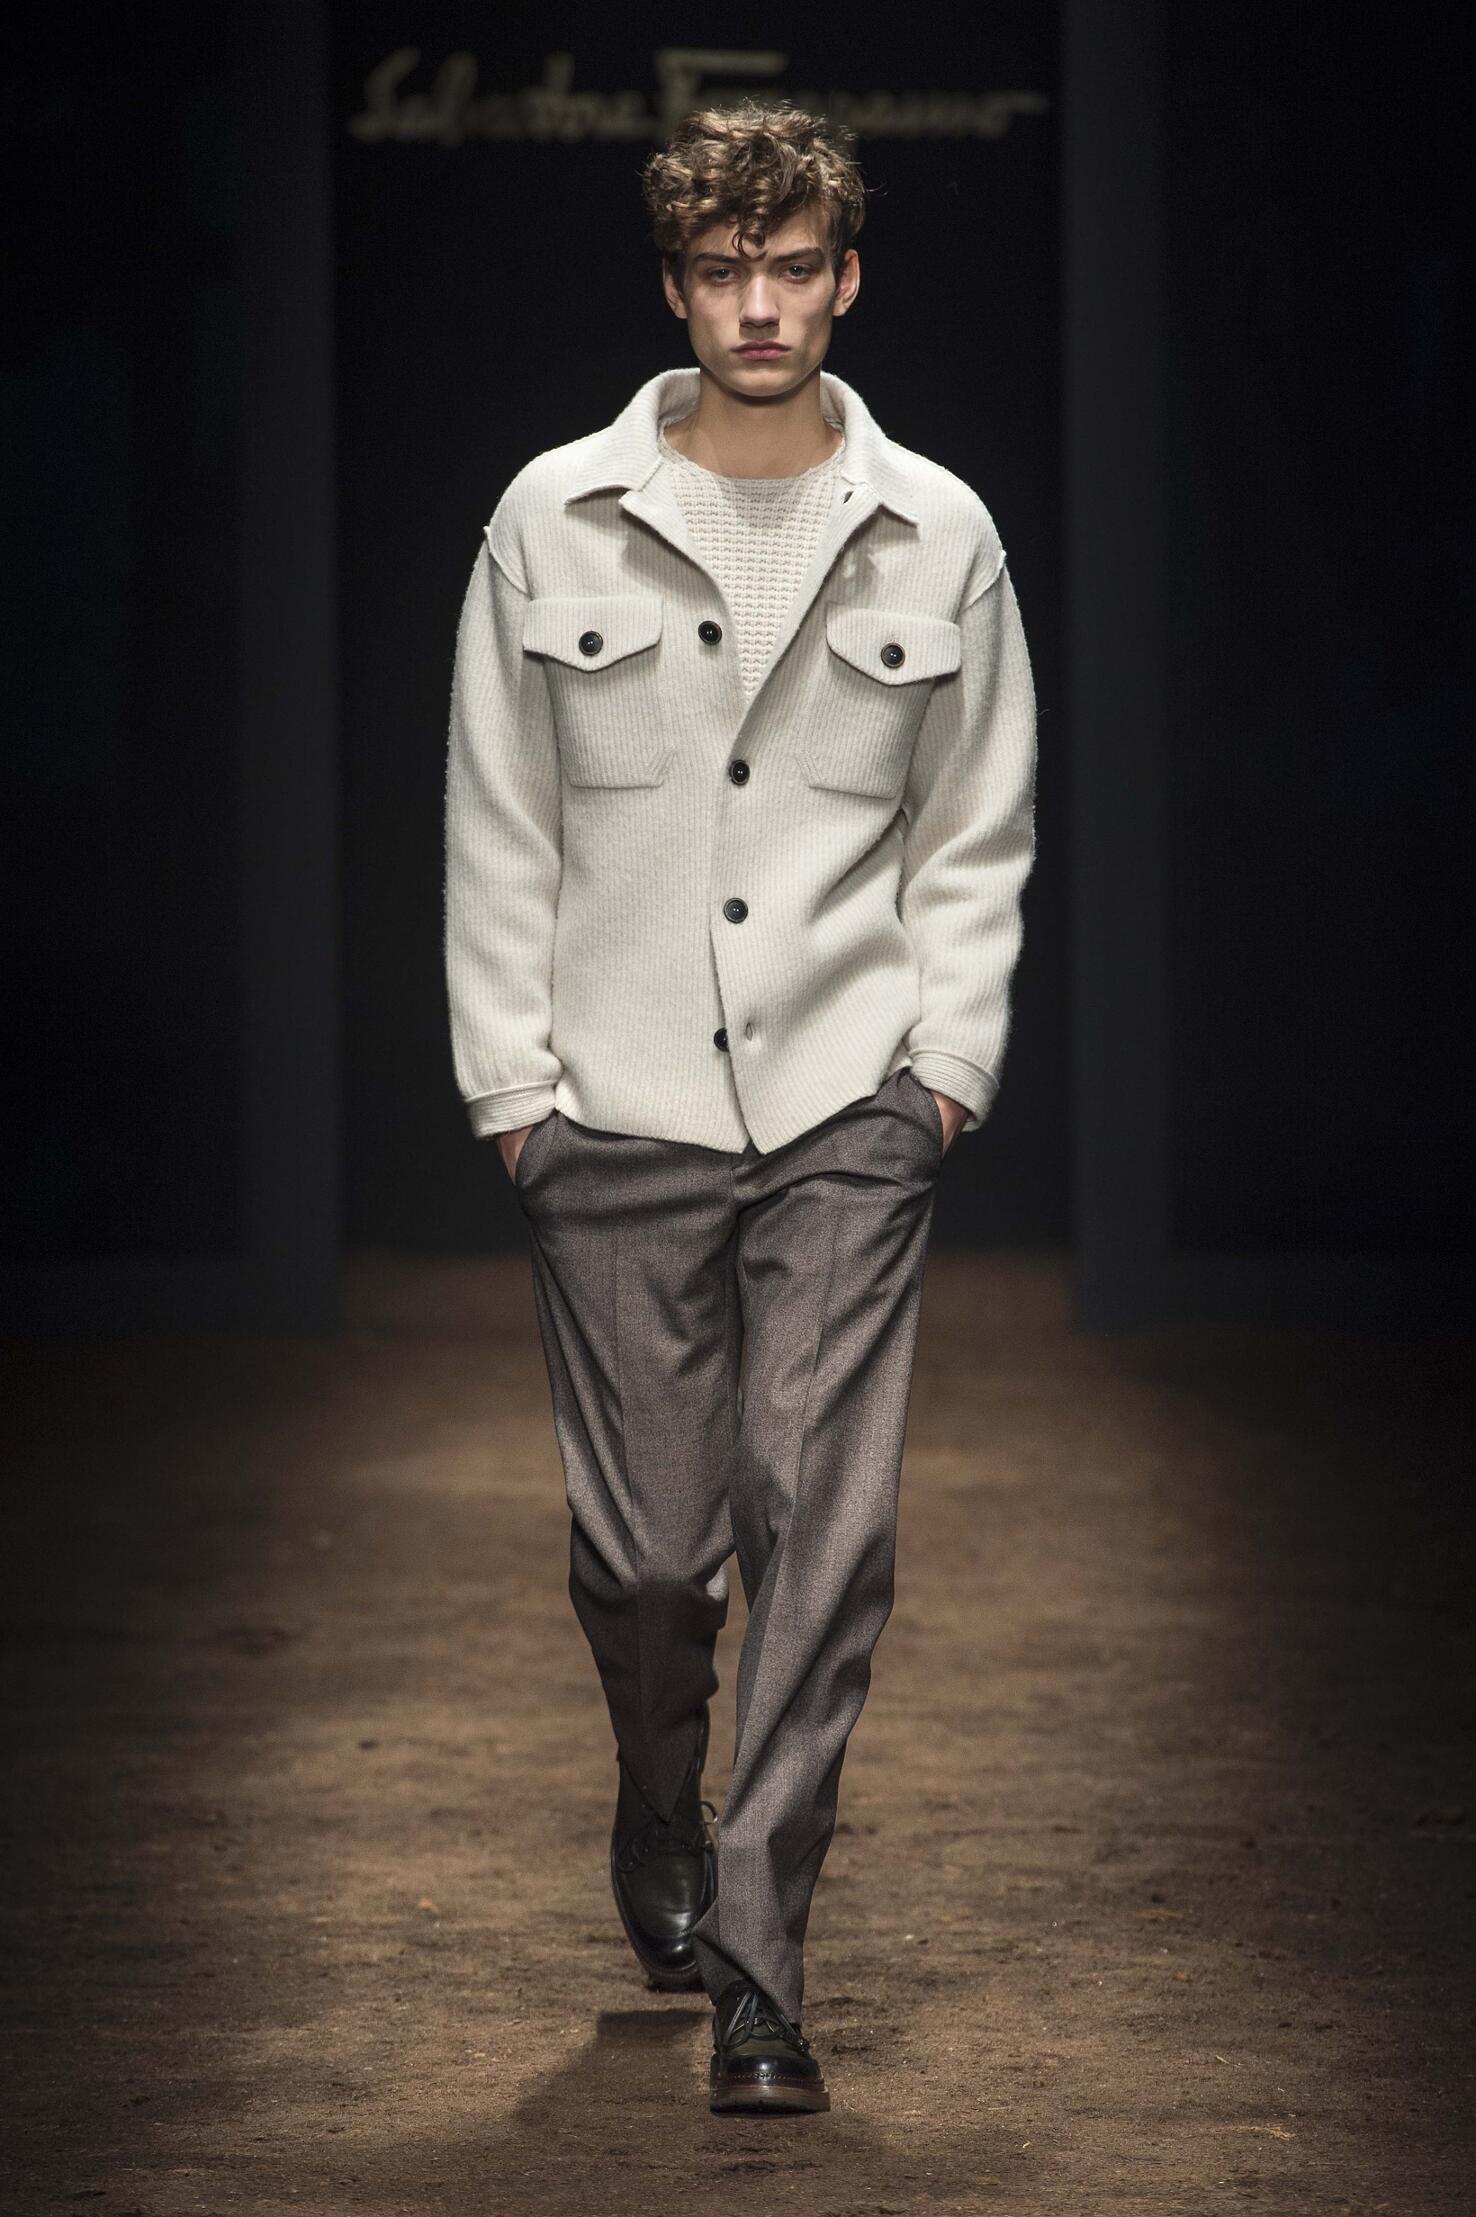 Winter 2015 Fashion Show Salvatore Ferragamo